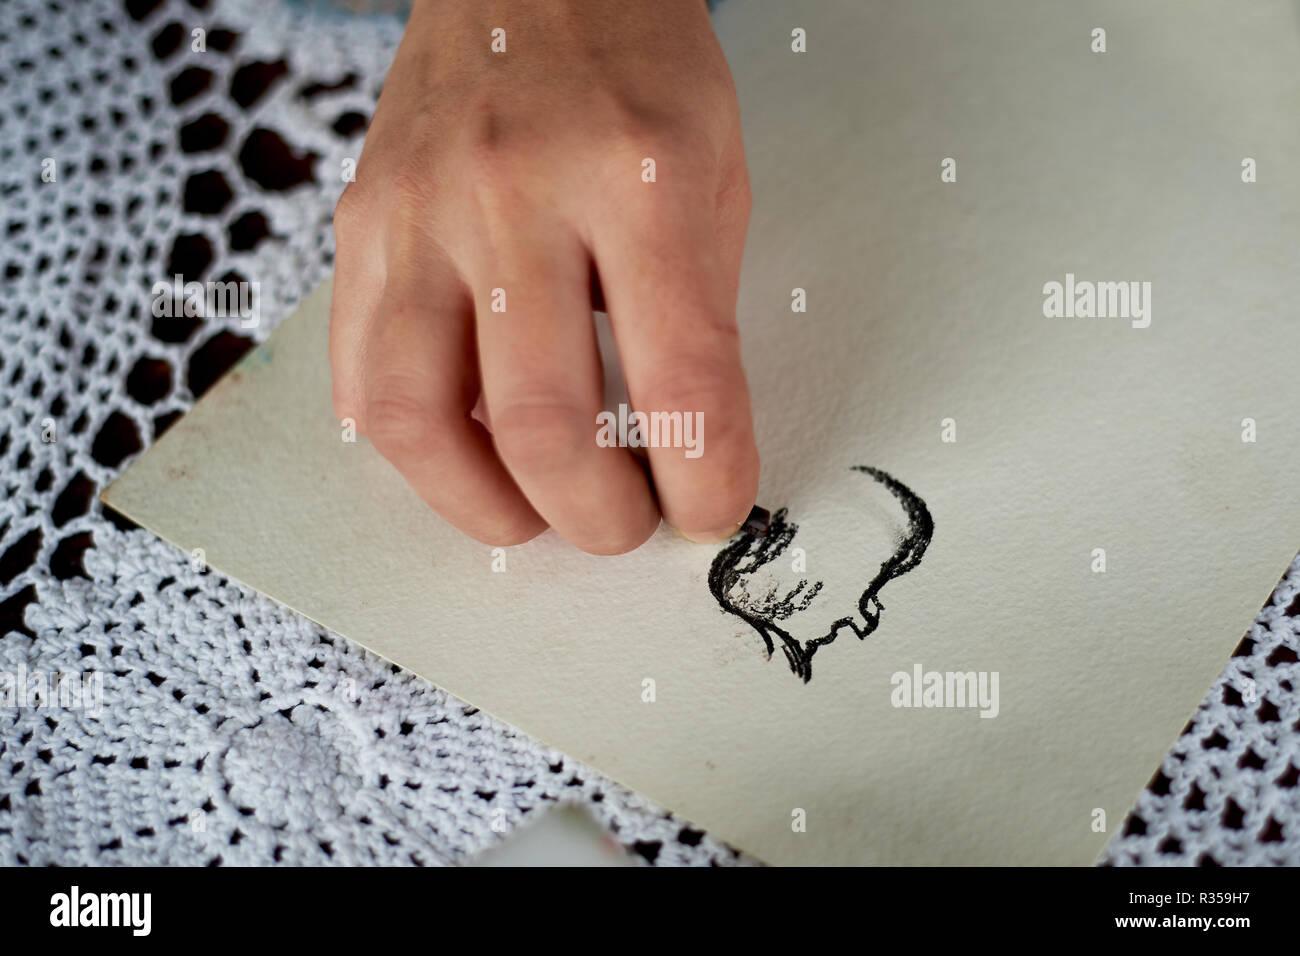 Zieht der Künstler haben. Der kreative Prozess der Malerei. Stockbild